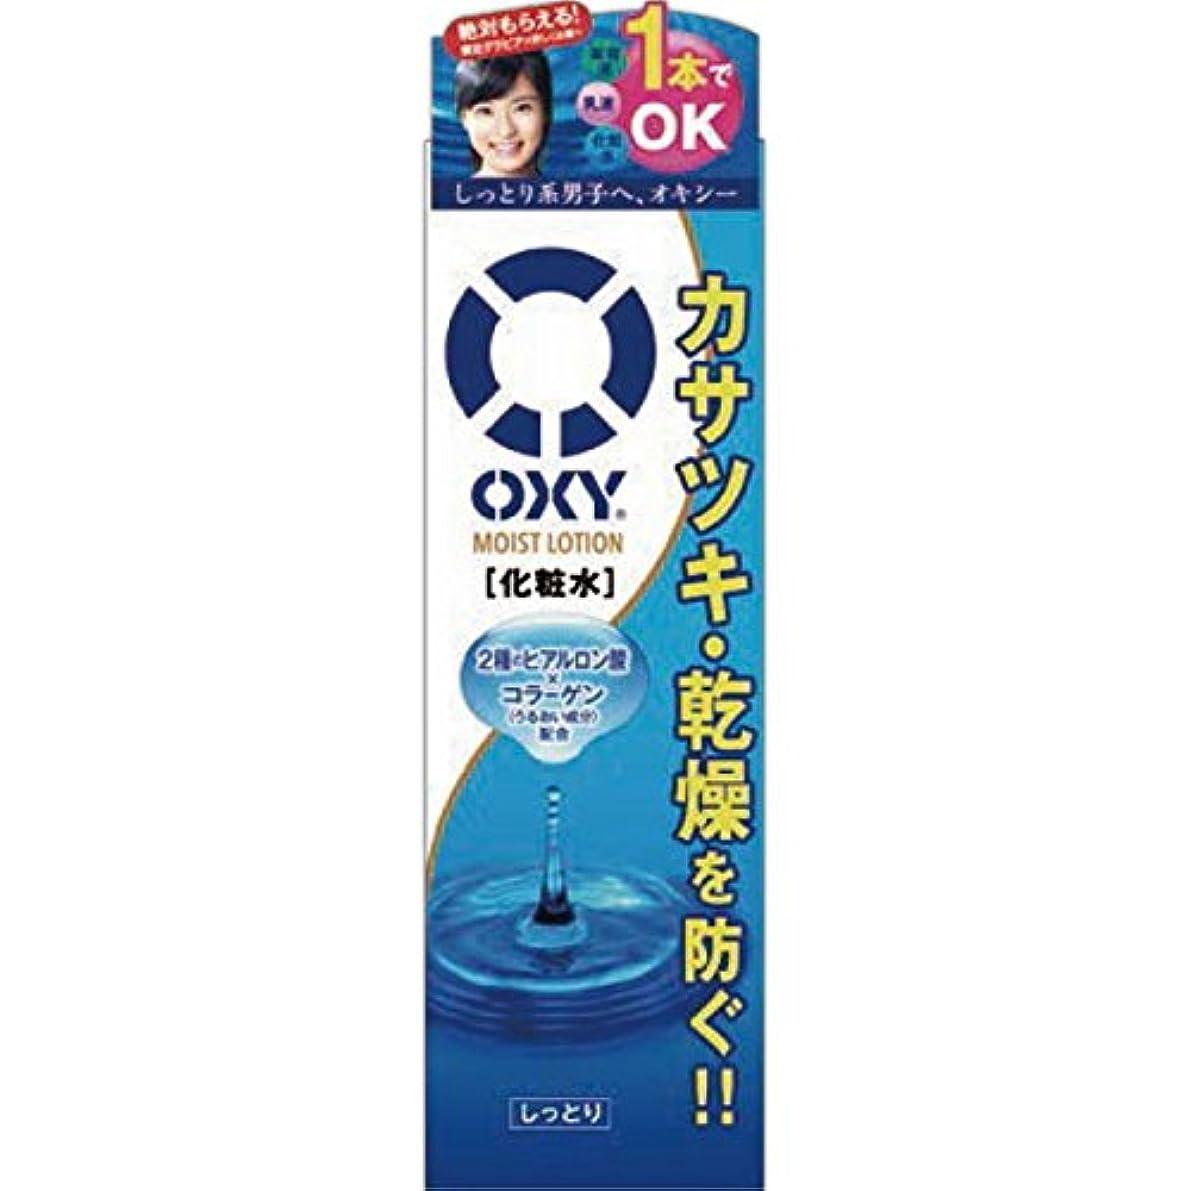 ジョリーぬいぐるみスクレーパーオキシー (Oxy) モイストローション オールインワン化粧水 2種のヒアルロン酸×コラーゲン配合 ゼラニウムの香 170mL